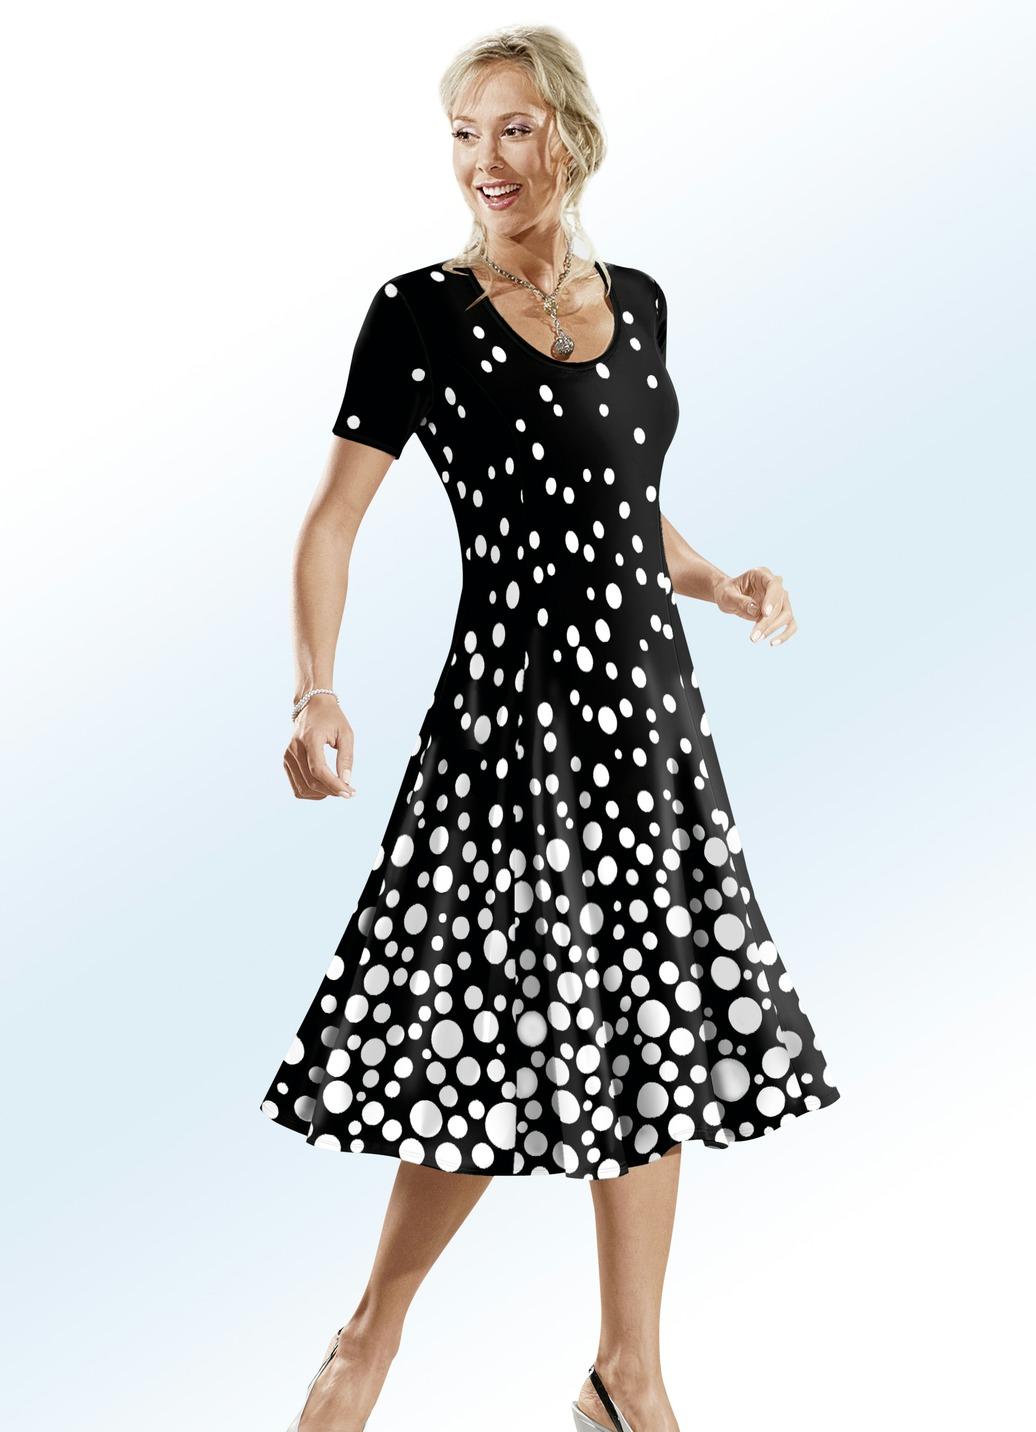 Klaus Modelle Kleid in schwingender Form Schwarz-Weiss Größe 22 Damen Preisvergleich